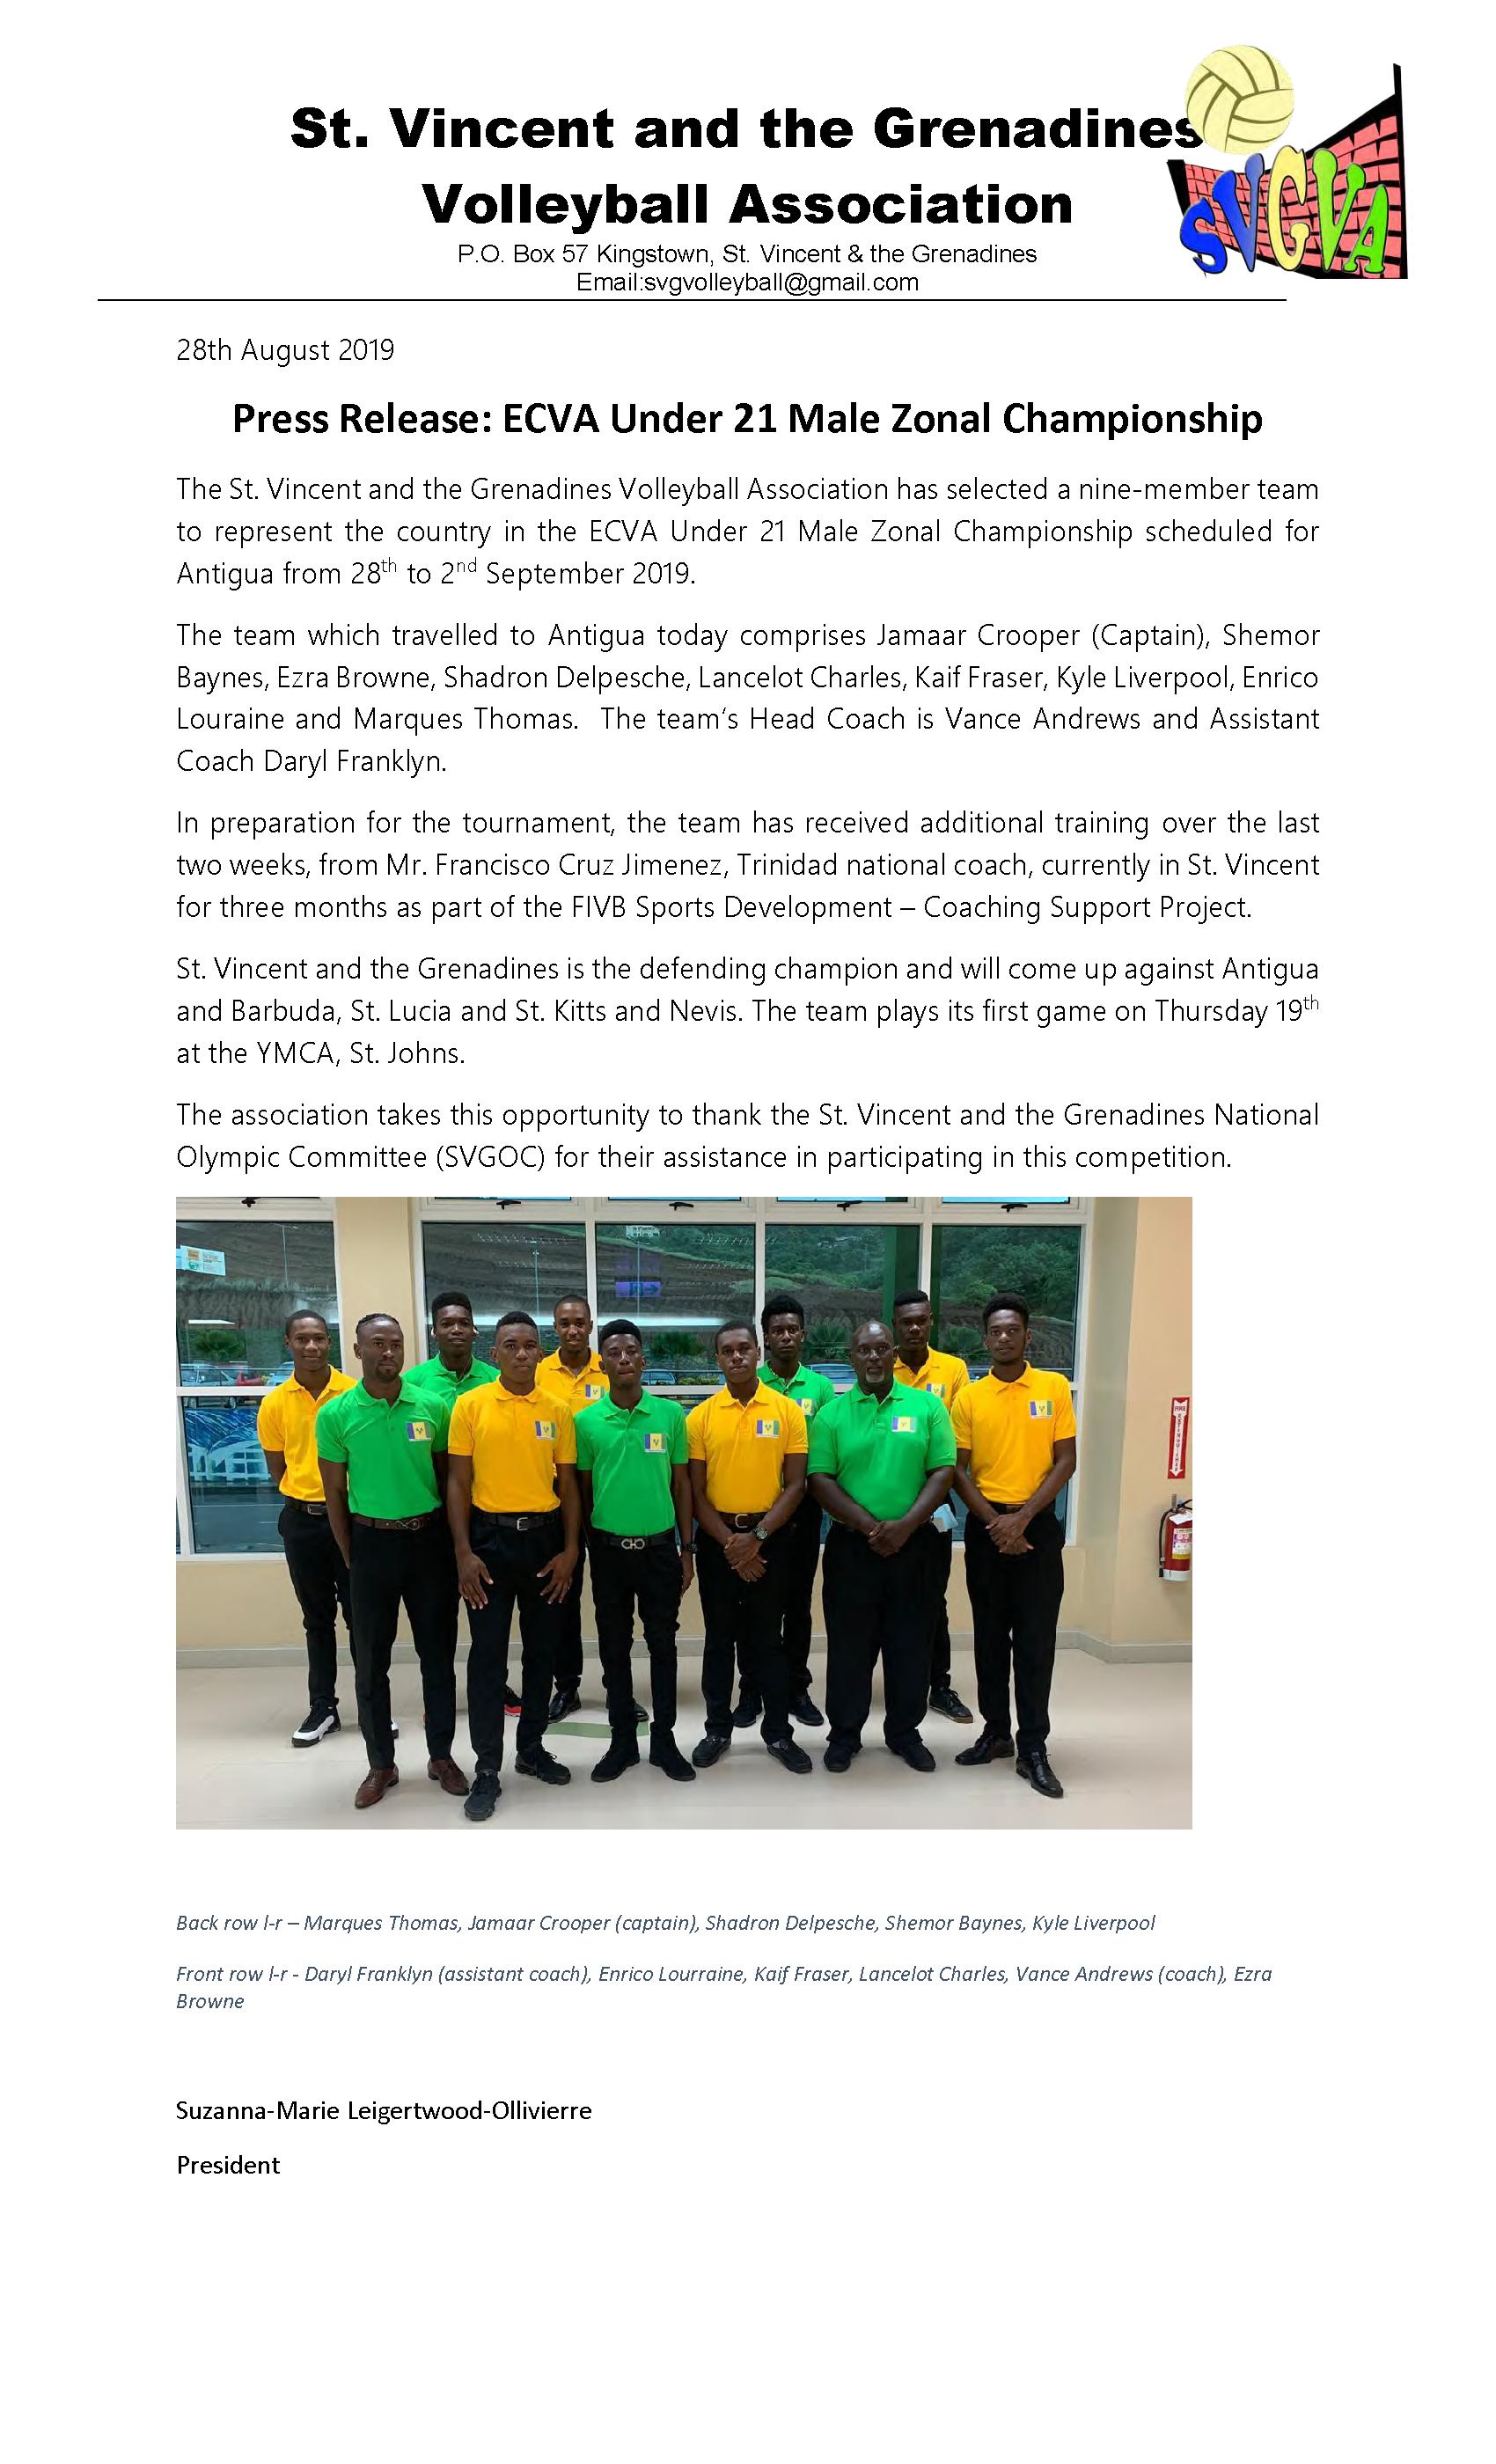 2019 Aug 28 Press Release - ECVA Under 21 Male Zonal Championship